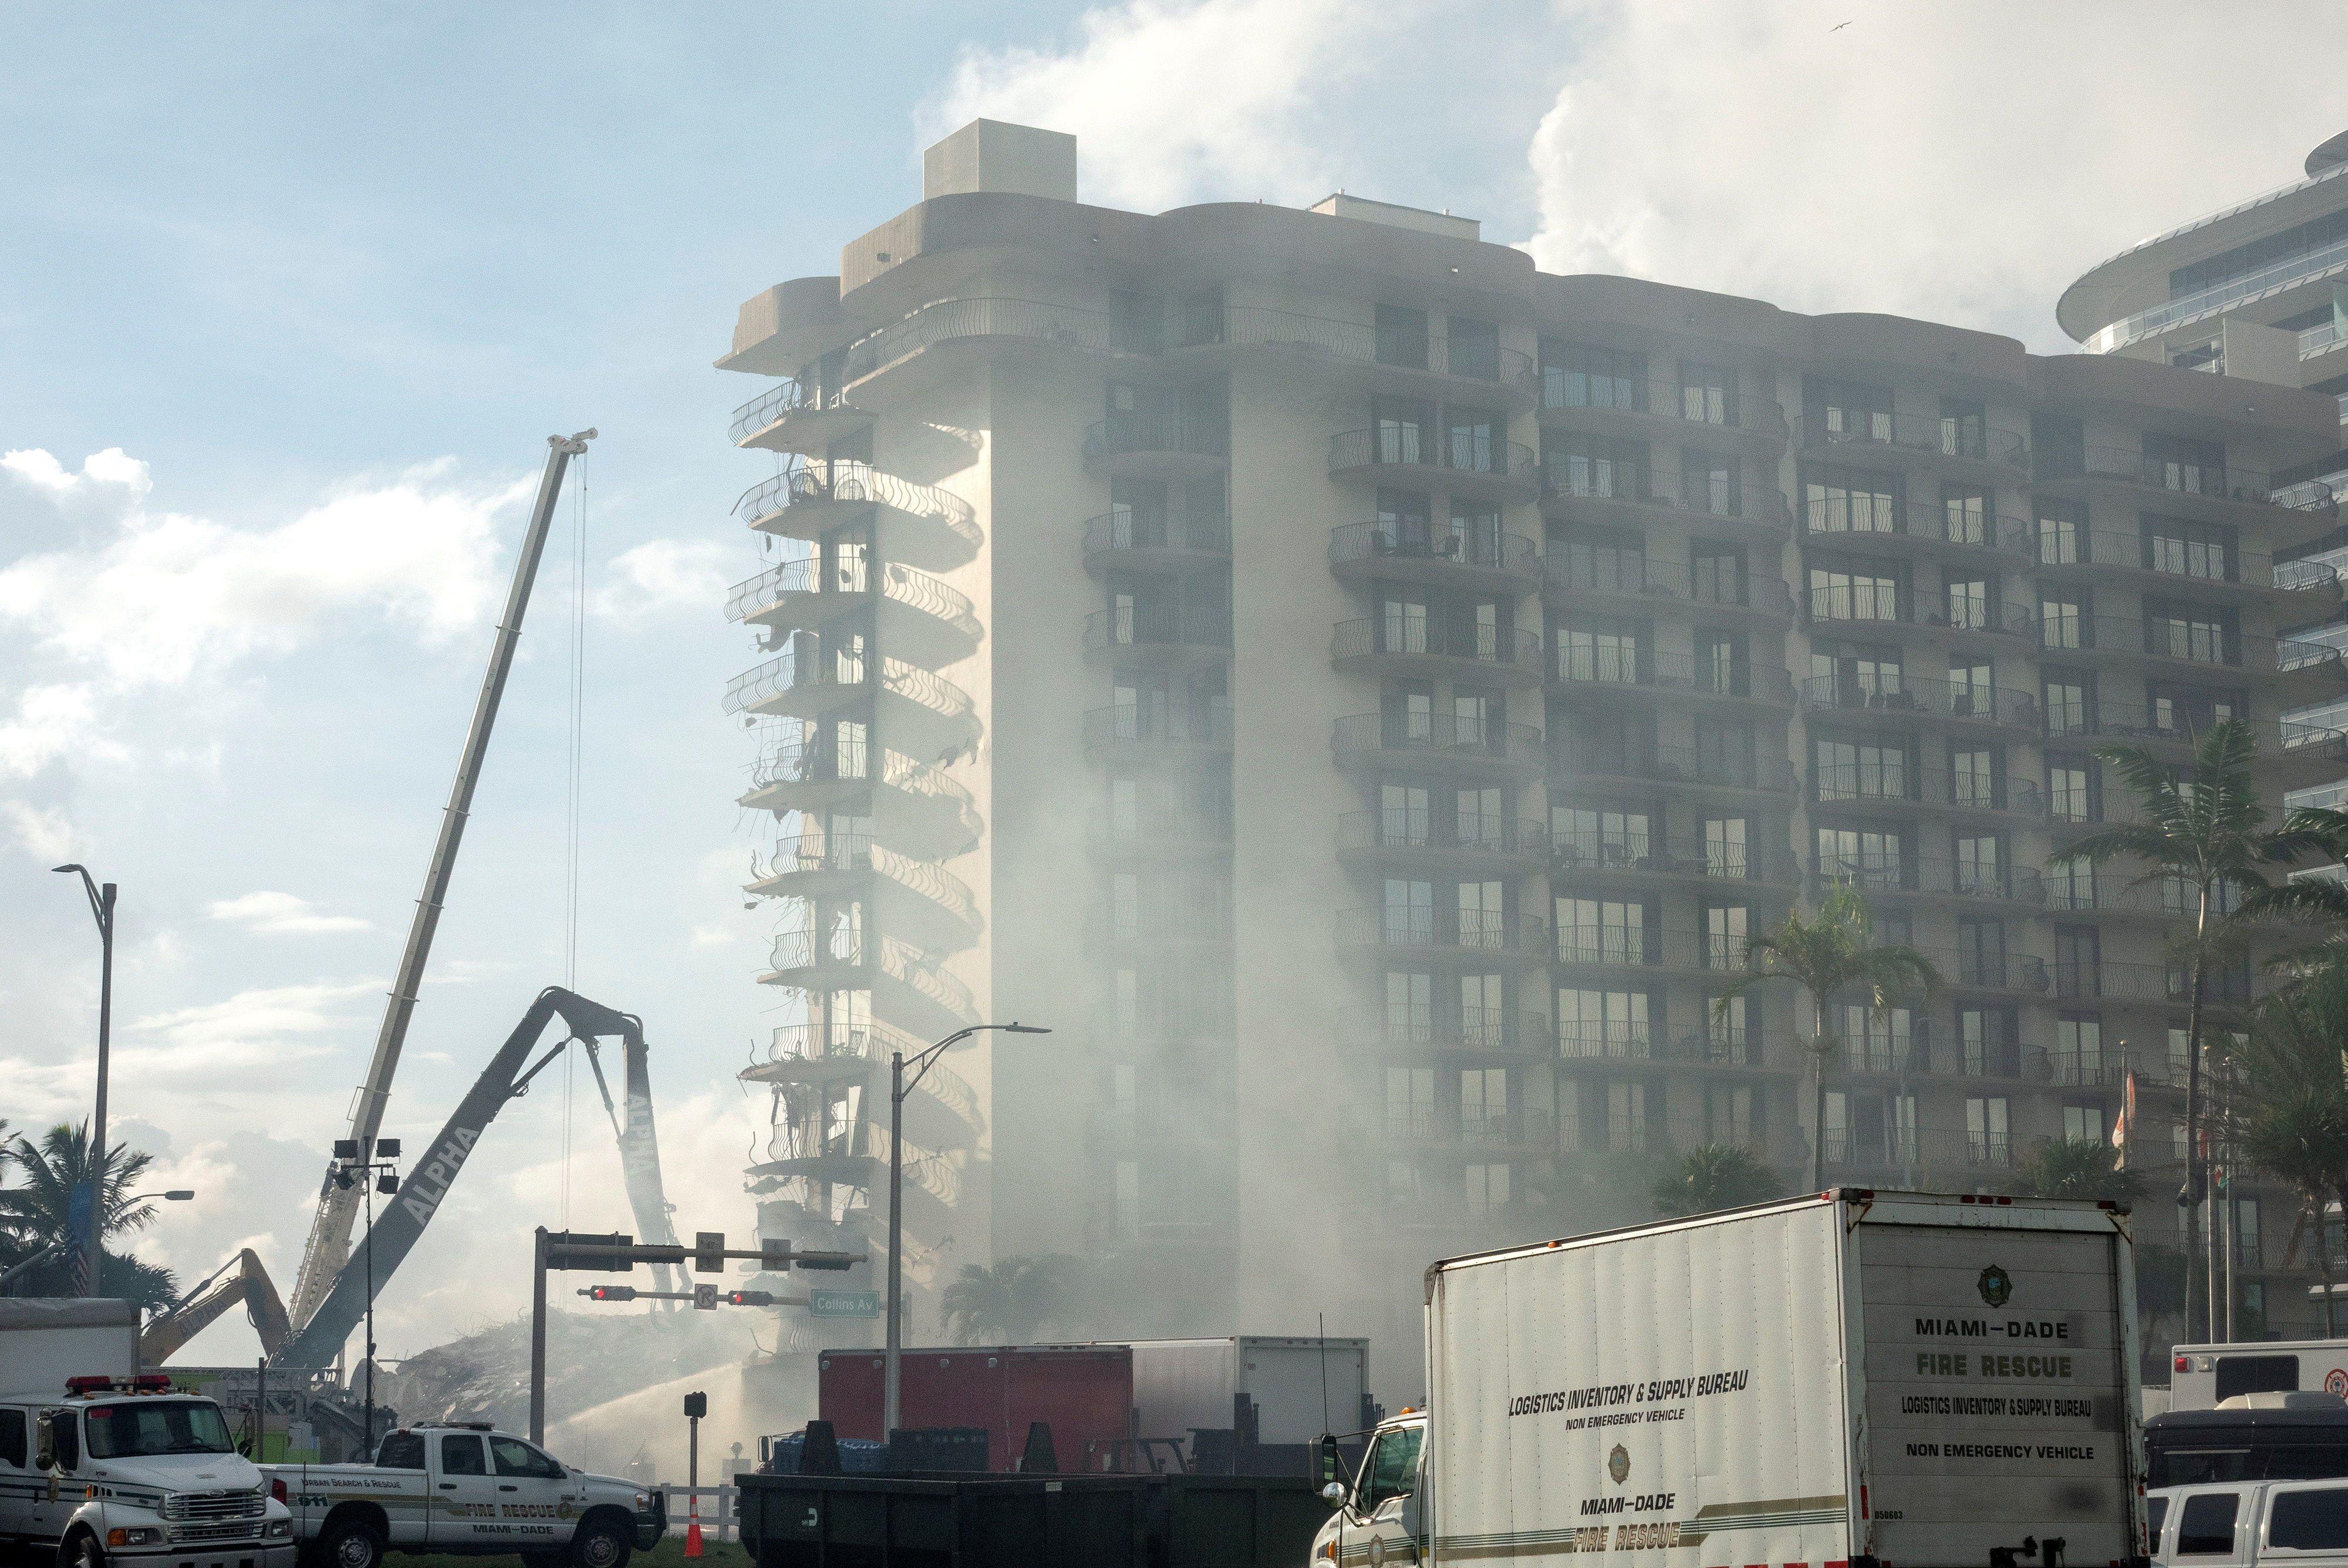 Un gran incendio dificulta las tareas de rescate en el edificio derrumbado  de Miami - Noticias de Bariloche